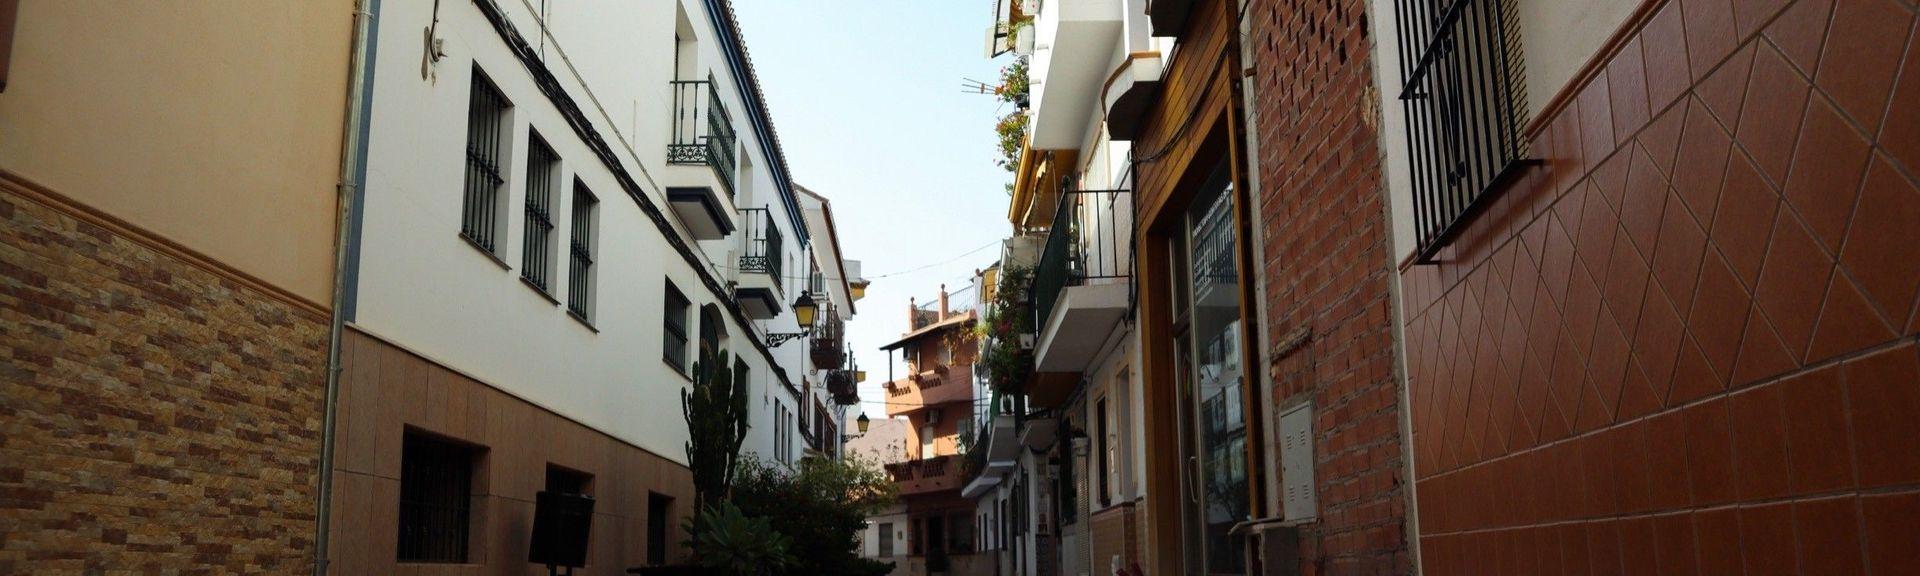 San Pedro de Alcántara, Marbella, Andaluzia, Espanha